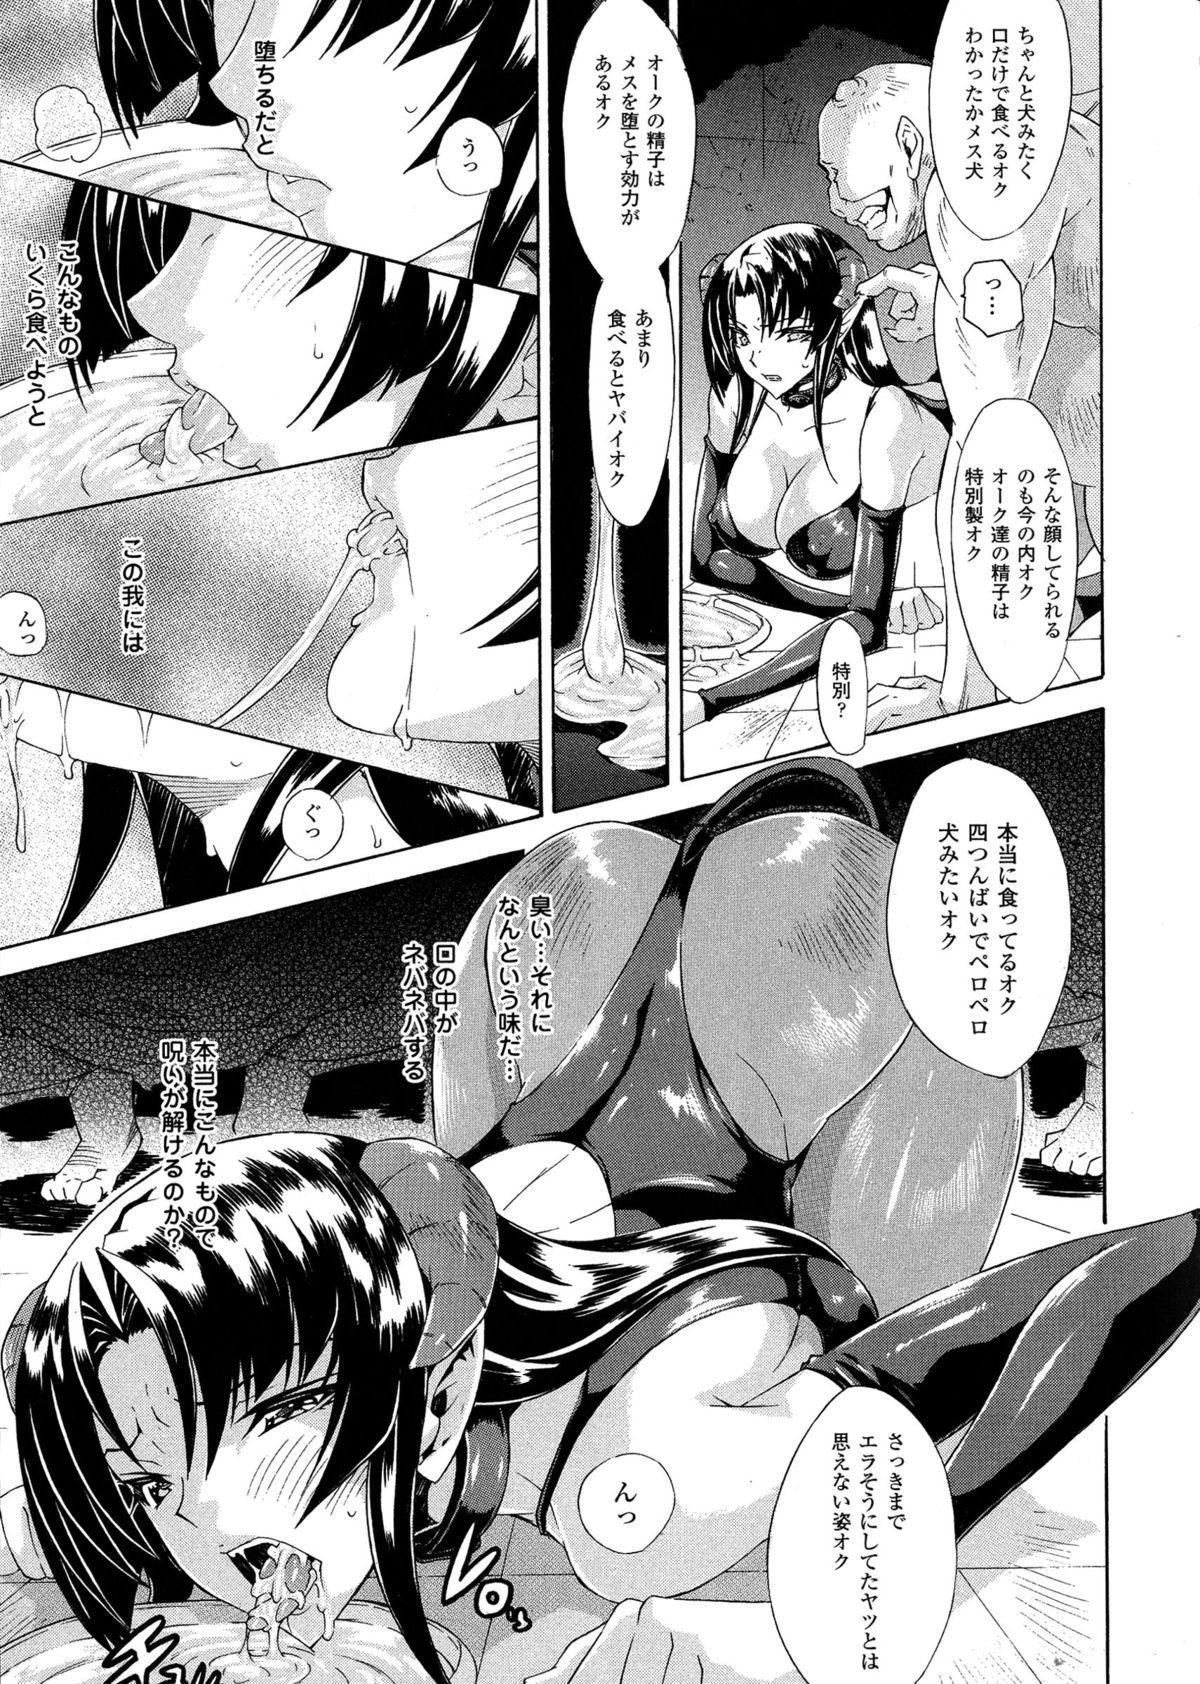 Kachiki na Onna ga Buzama na Ahegao o Sarasu made 88